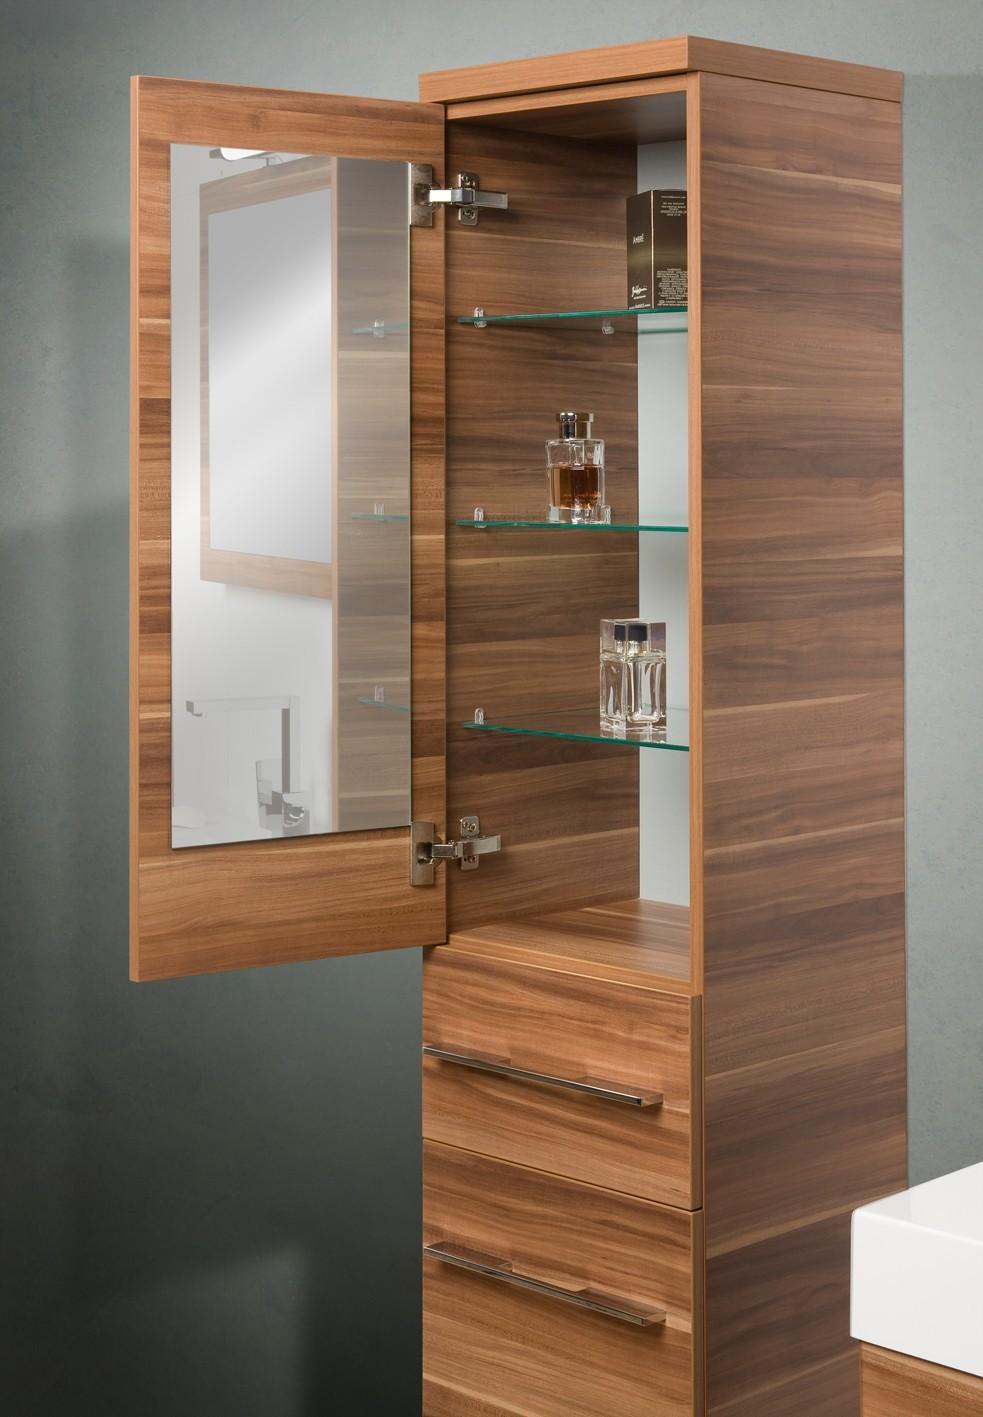 badm bel set mit waschbecken und waschtisch 120 cm 606. Black Bedroom Furniture Sets. Home Design Ideas